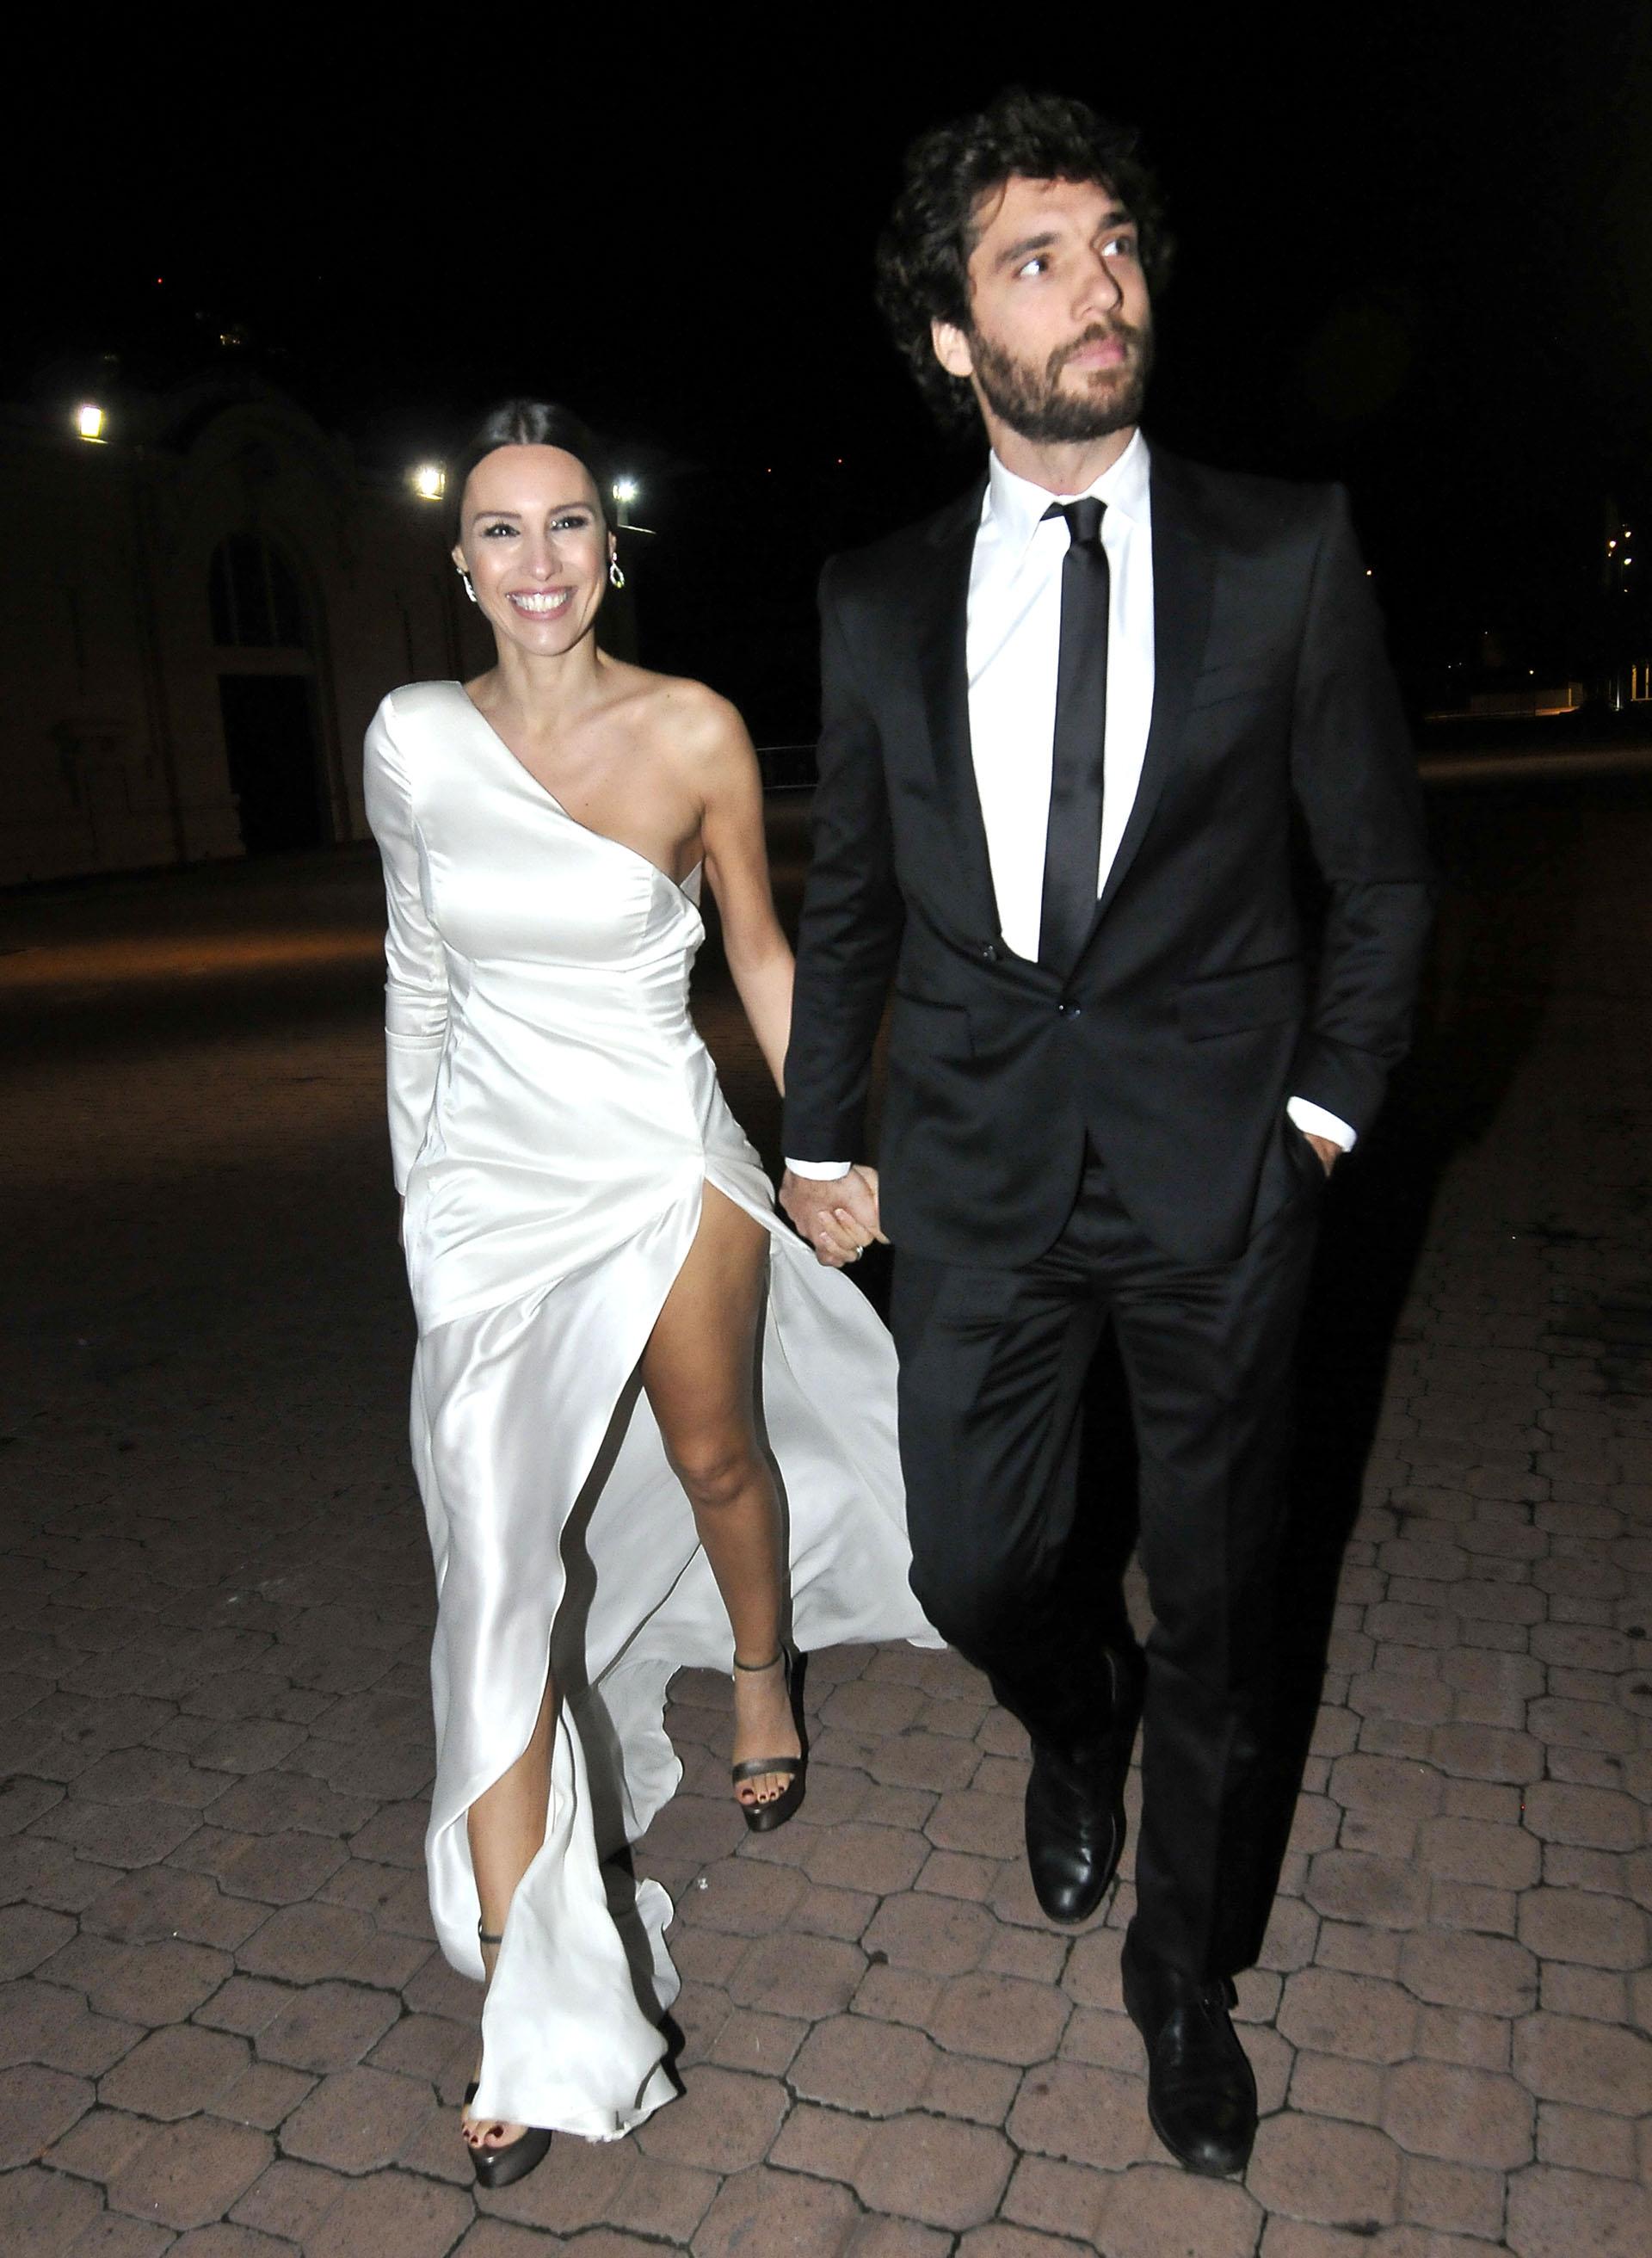 Pampita asistió a la gala de la Fundación Huesped acompañada por su nuevo novio, Mariano Balcarce (Foto: Verónica Guerman / Teleshow)